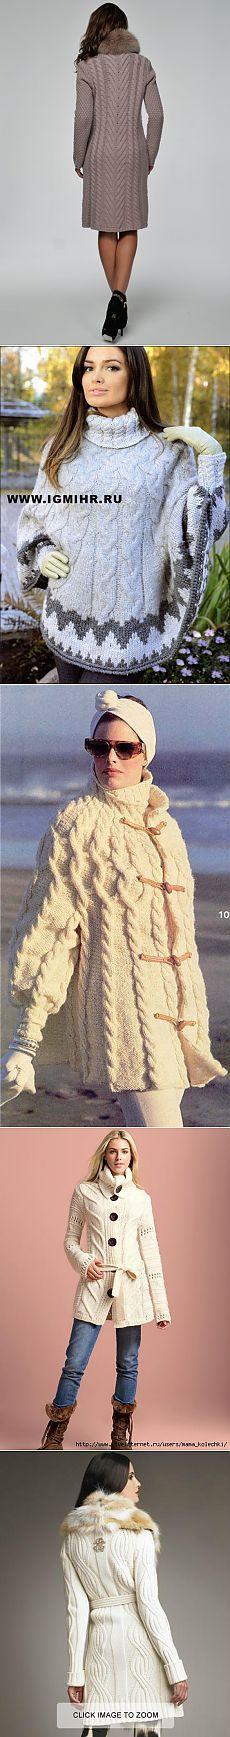 Пальто, куртки спицами. Подборка